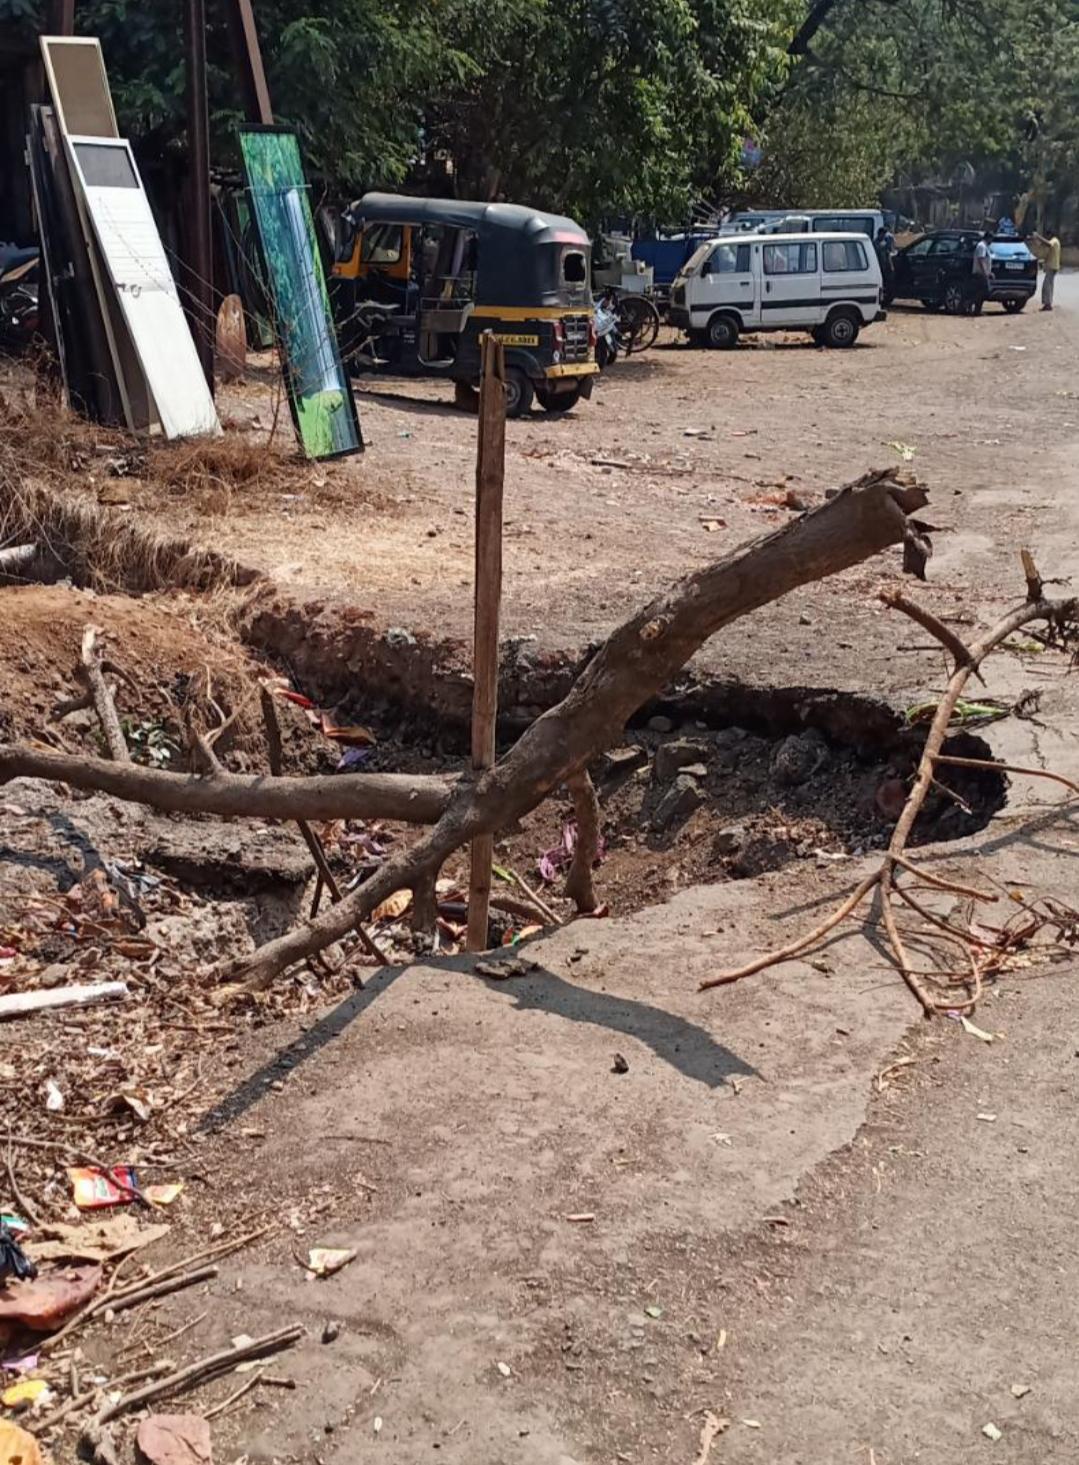 Adarsh Maharashtra | उल्हासनगर महानगरपालिकेचा हलगर्जीपणा अपघाताला आमंत्रण देणारा खड्डा .